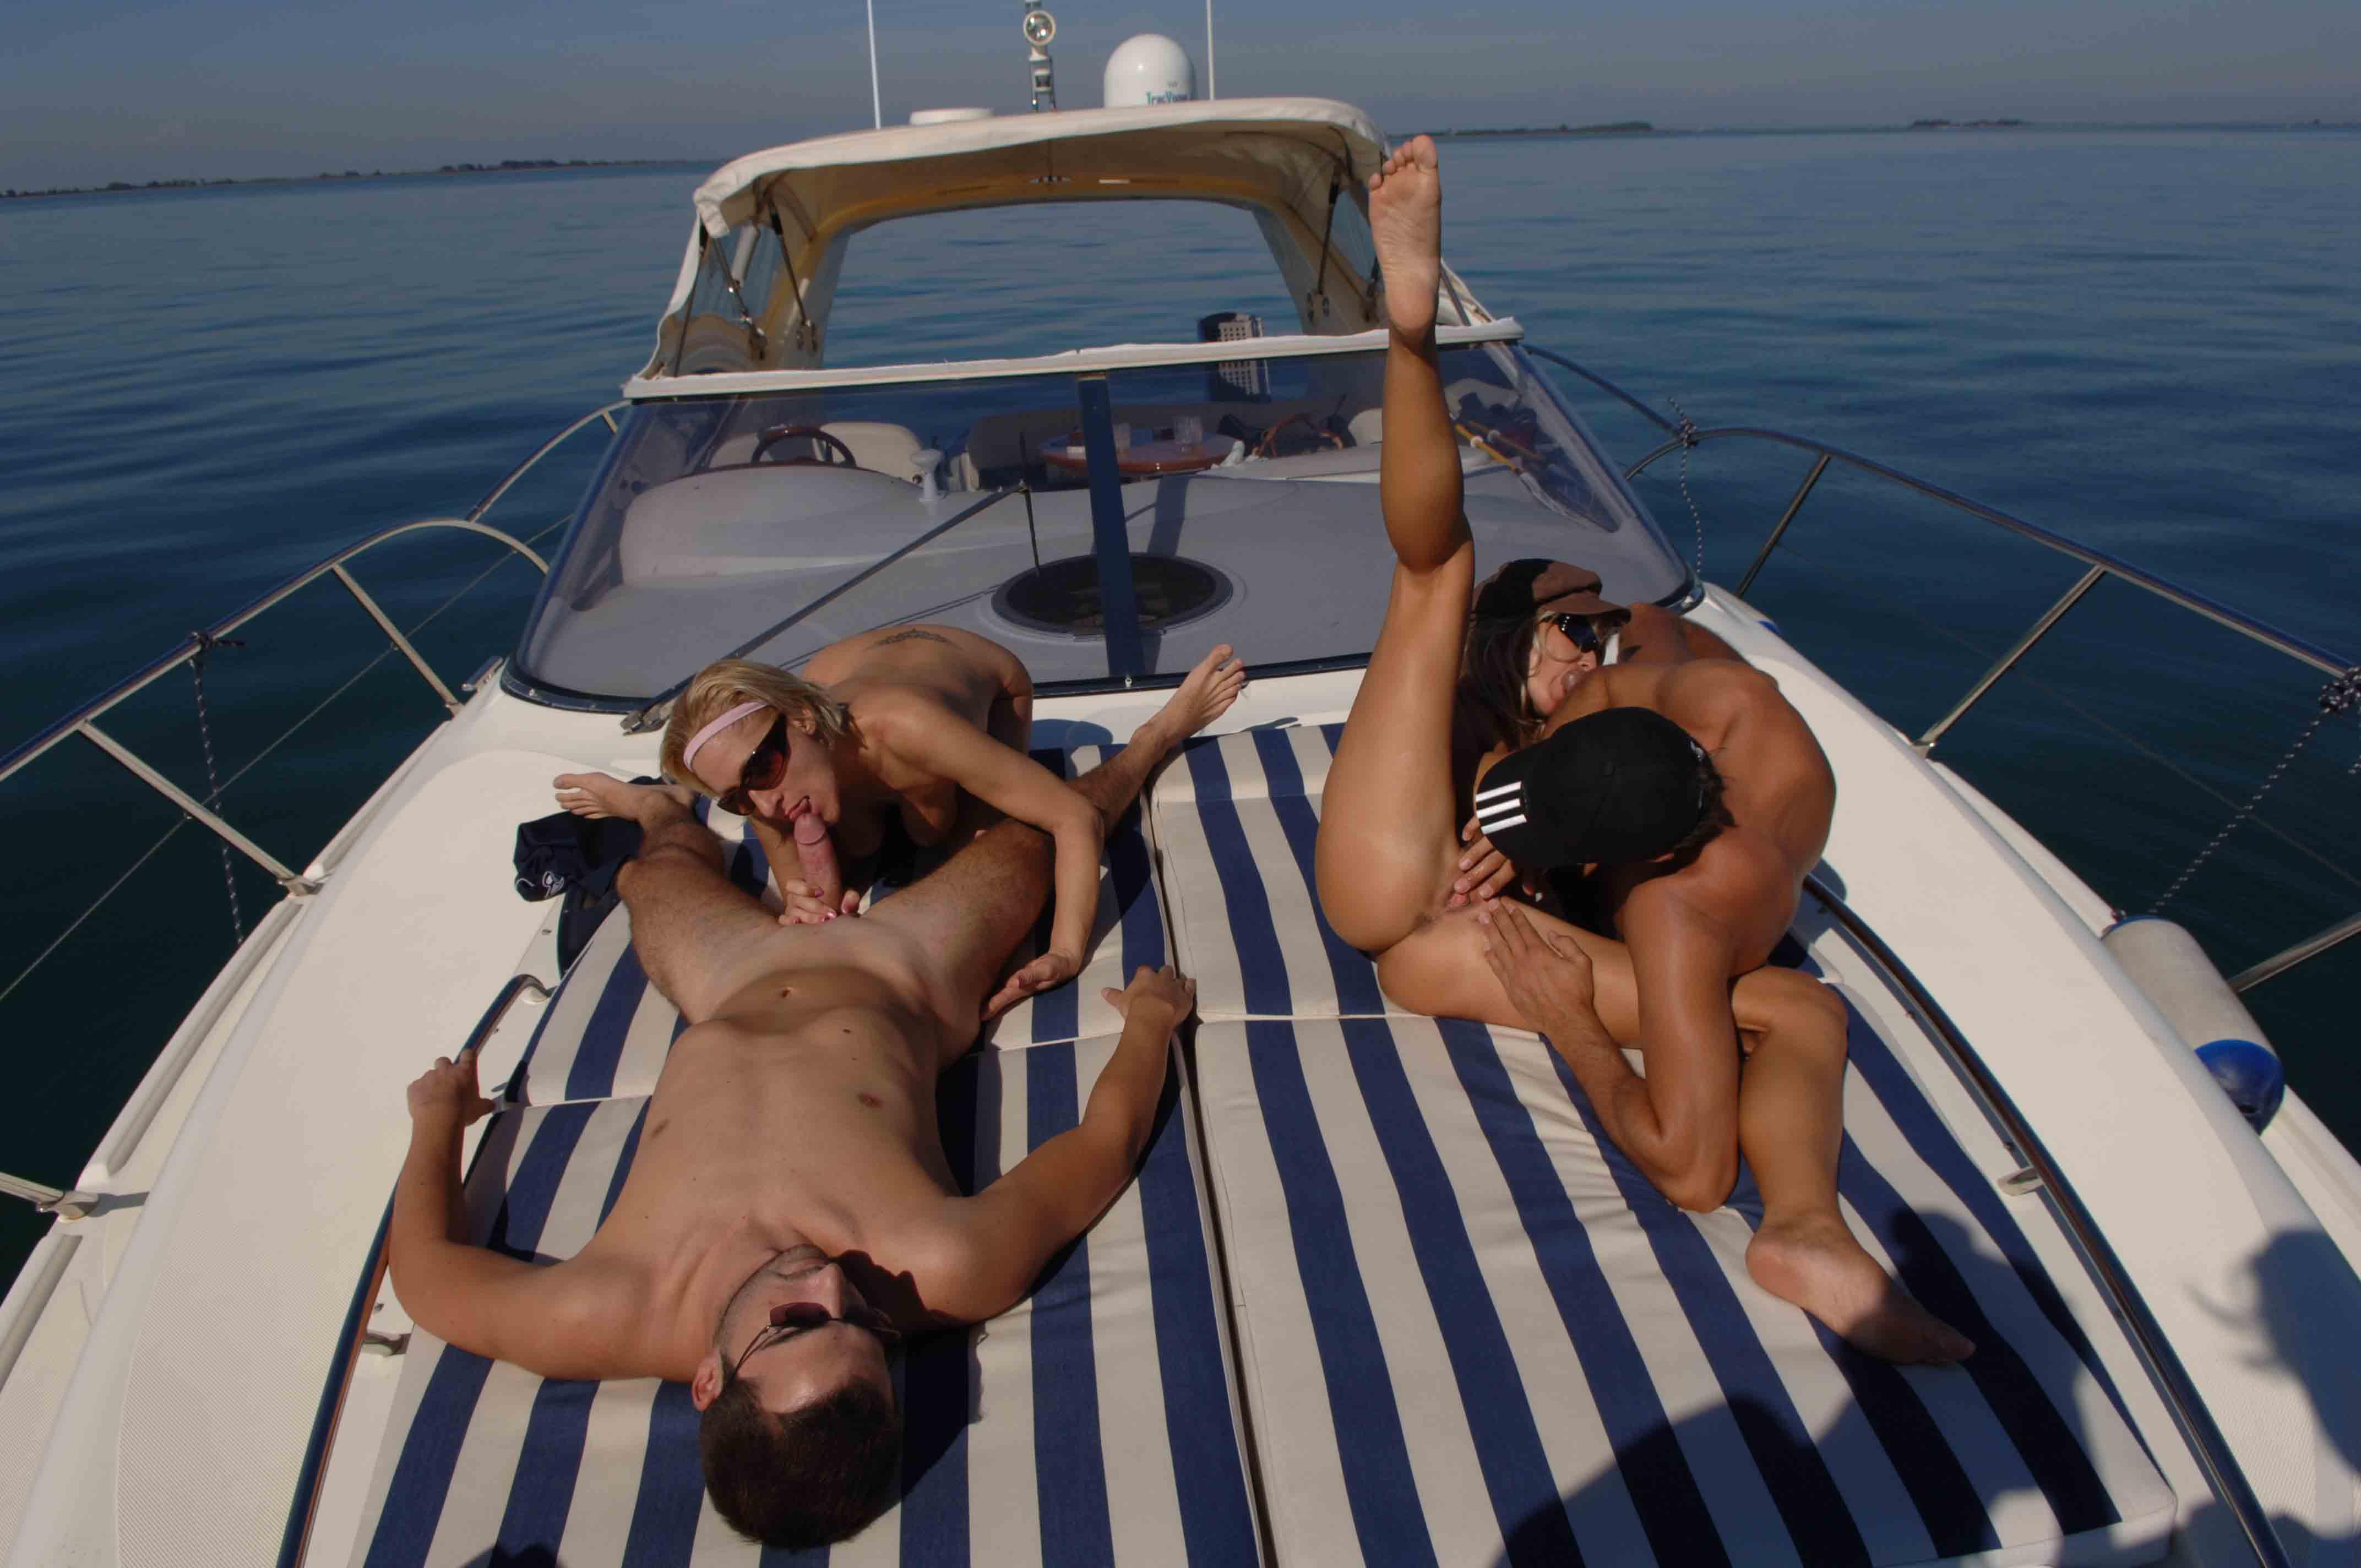 amateur boat sex